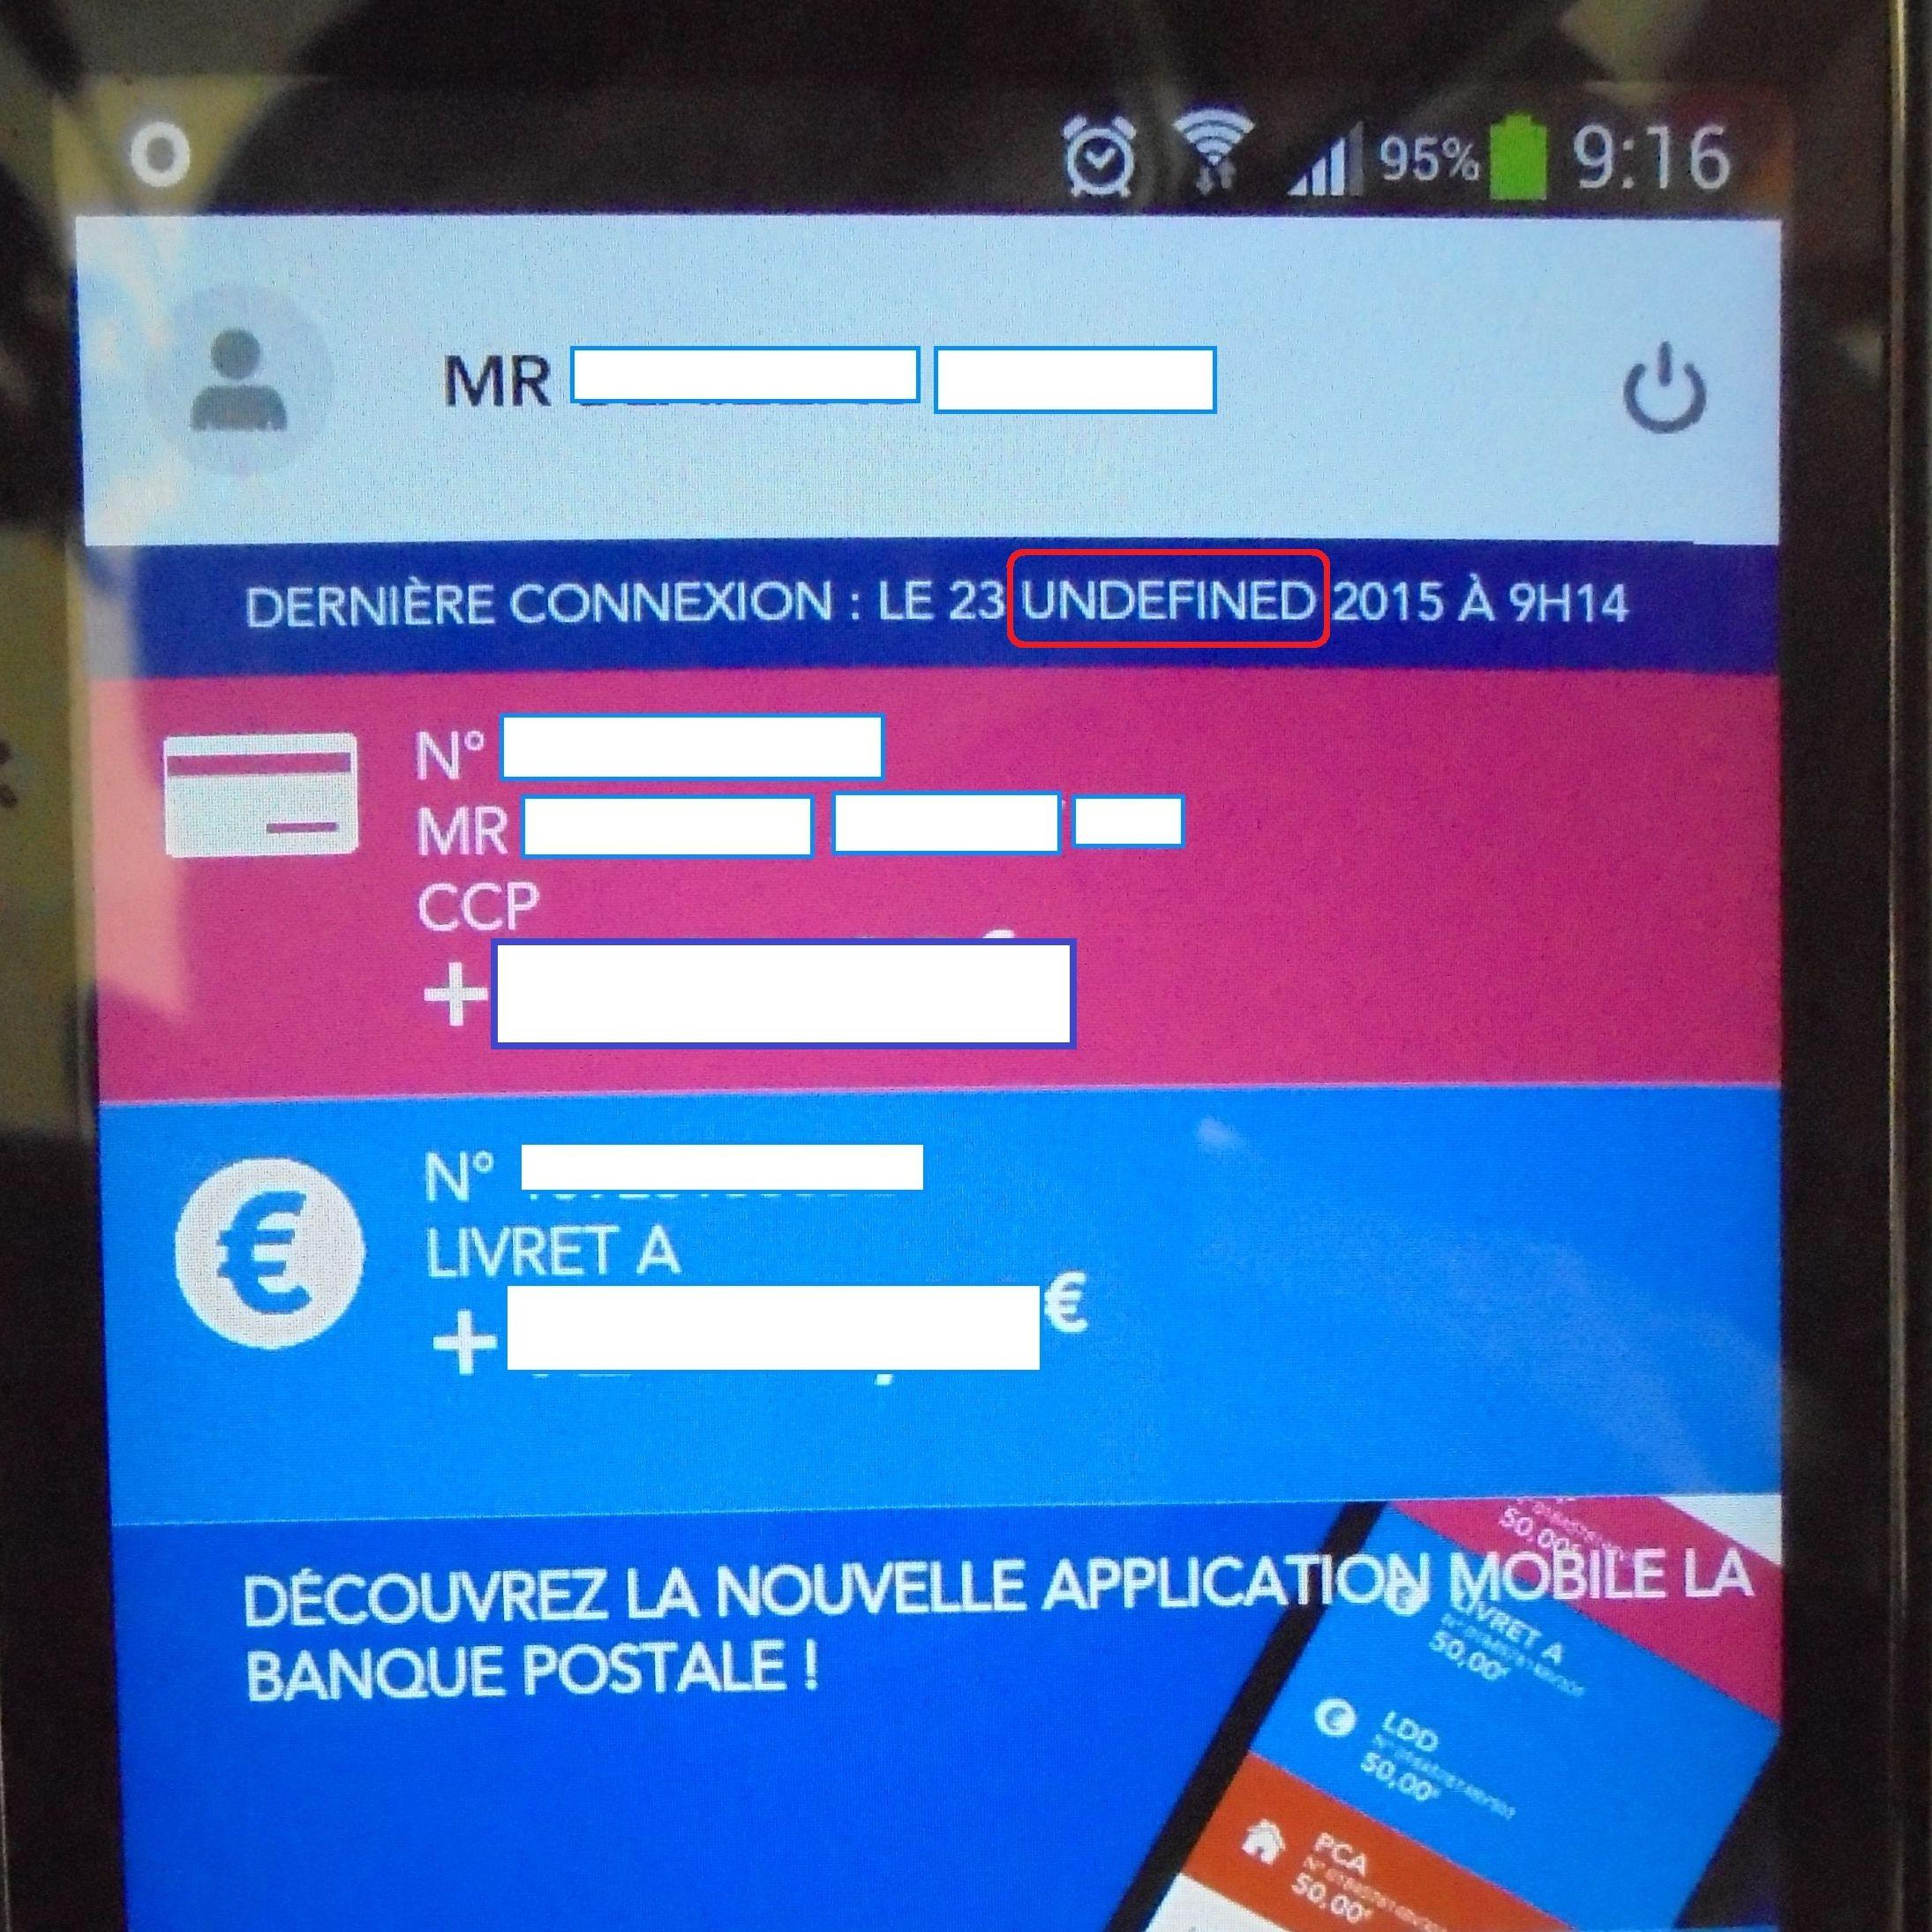 demande de carte livret a banque postale La banque postale : fâché avec l'informatique   par jérémy